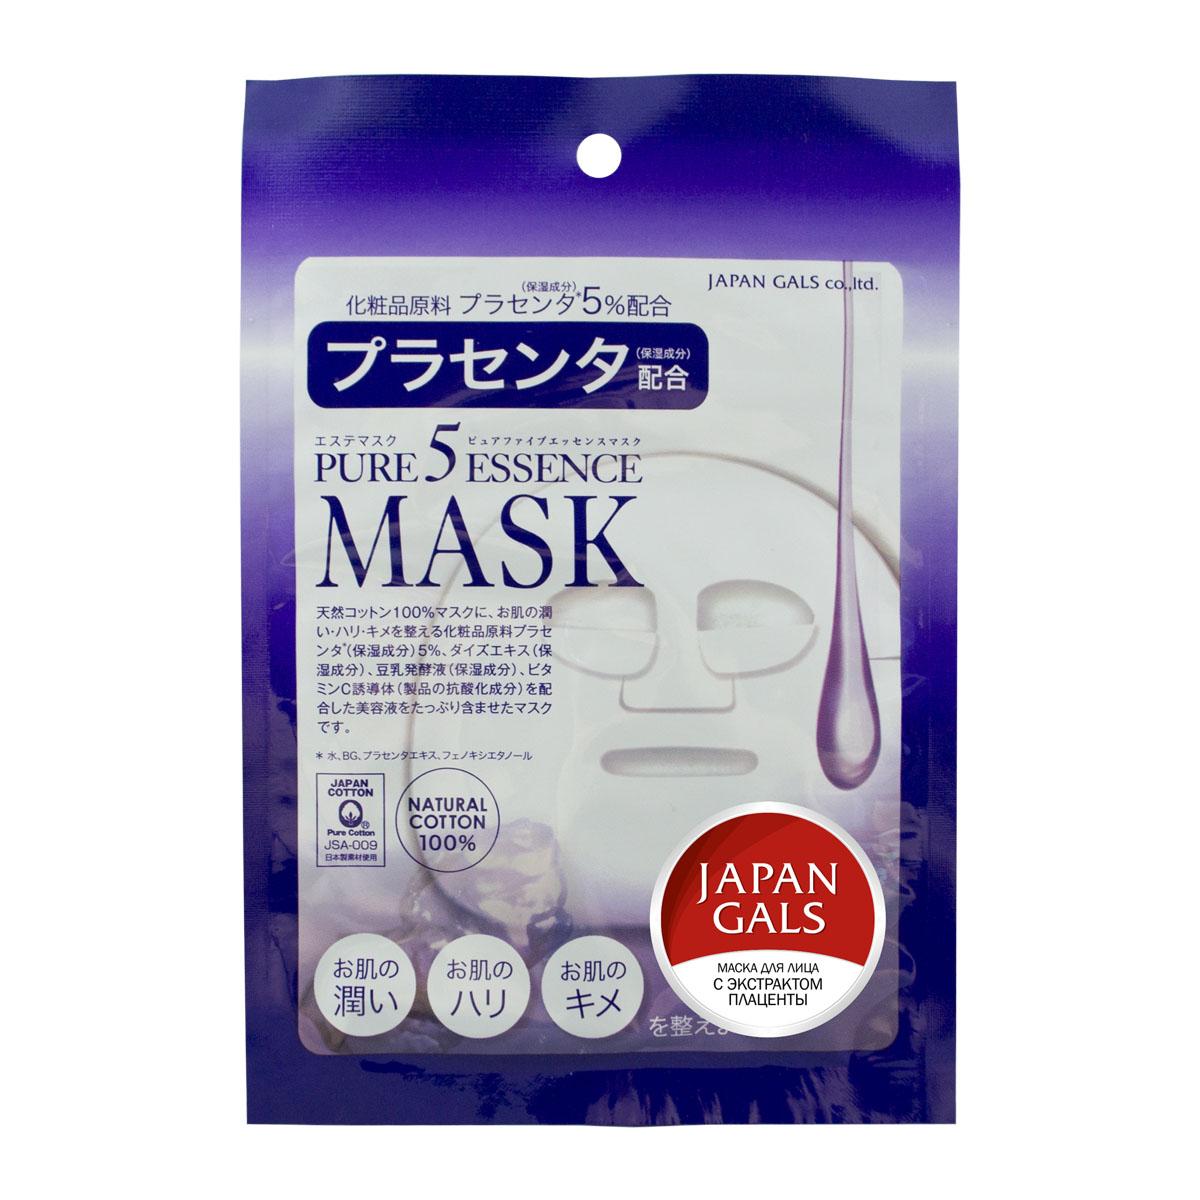 Japan Gals Маска для лица с плацентой Pure 5 Essential 1 штFS-00897Экстракт плацентыЭкстракт плаценты - уникальный природный комплекс, содержащий белки, нуклеиновые кислоты, полисахариды, липиды, ферменты, аминокислоты, ненасыщенные жирные кислоты, витамины и микроэлементы. Благодаря экстракту плаценты стимулируется периферический кровоток. Это позволяет улучшить кровоснабжение кожи, из нее выводятся токсины, активизируется клеточное дыхание, улучшается метаболизм. Экстракт плаценты позволяет поднять меланин из глубоких слоев на поверхность кожи, откуда он удаляется при отшелушивании вместе с кератином. Выжимка из плаценты снимает воспаление, полученное от длительного воздействия солнечных лучей.Особый крой маски обеспечивает эффект 3D-прилегания, а большая площадь ткани гарантирует полное покрытие. Также у маски имеются специальные кармашки для проработки зоны в области глаз.Эффект: улучшение цвета лица, регенерация кожи, нормализация жирового баланса, замедление старения кожи, против воспалительных процессов.Способ применения: после умывания расправьте и плотно приложите маску к лицу. 5-10 минут спокойно полежать. Если хотите дополнительно проработать зону глаз, накройте их специальными накладками. Если хотите проработать зону под глазами, сложите накладку для глаз в два раза.Способ хранения: держать в недоступном для детей месте. Состав: Вода, BG, глицерин, экстракт плаценты, аскорбил фосфат магния, экстракт сои, ферментированное соевое молоко, гидроксиэтилцеллюлоза, пальмовое масло, алкил, PG, димониум хлорид фосфат, феноксиэтанол, метилизотиазолинон, лимонная кислота, антикоагулянт.